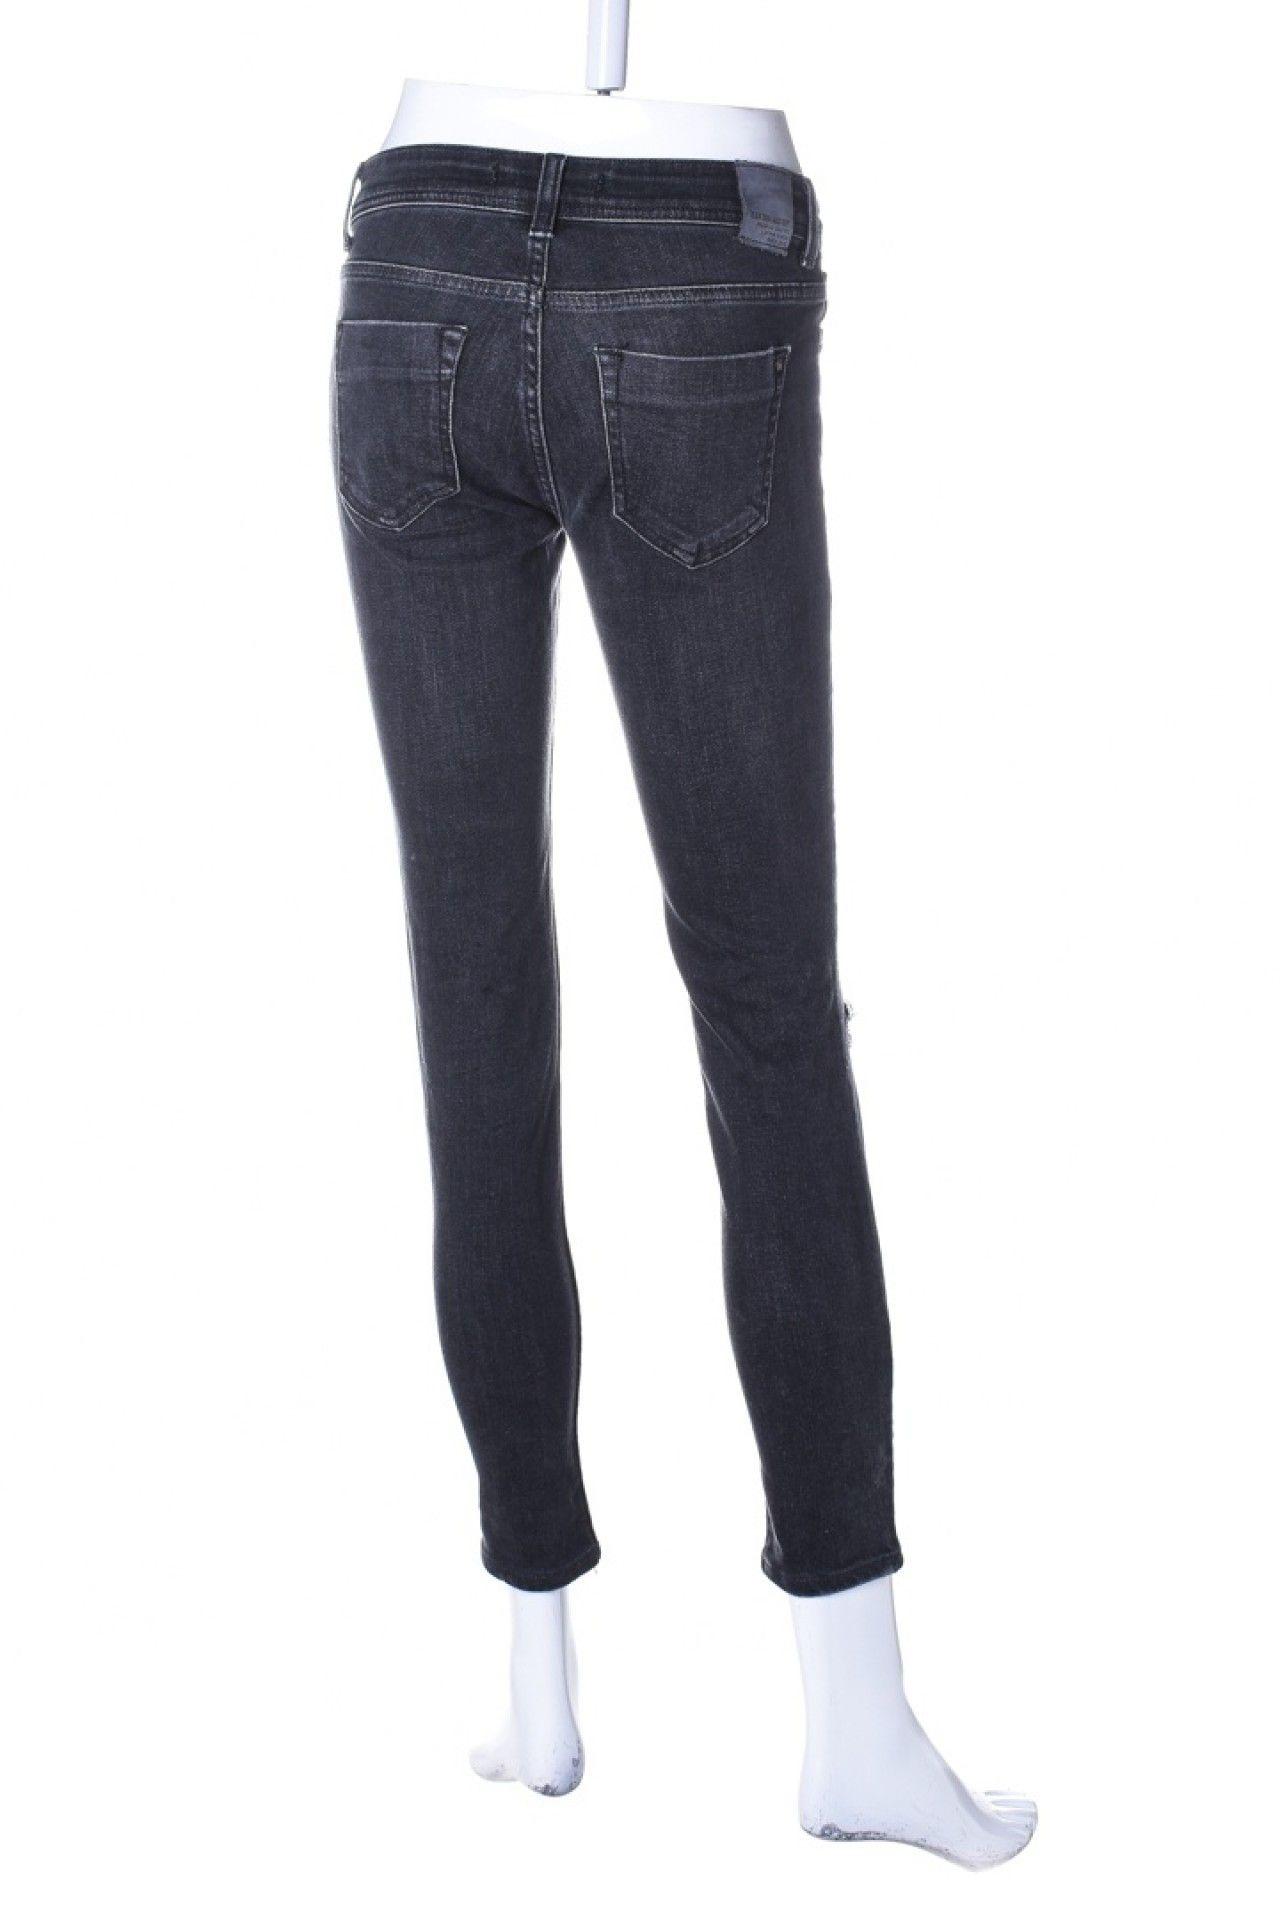 Zara - Calça Jeans Preta  - Foto 2